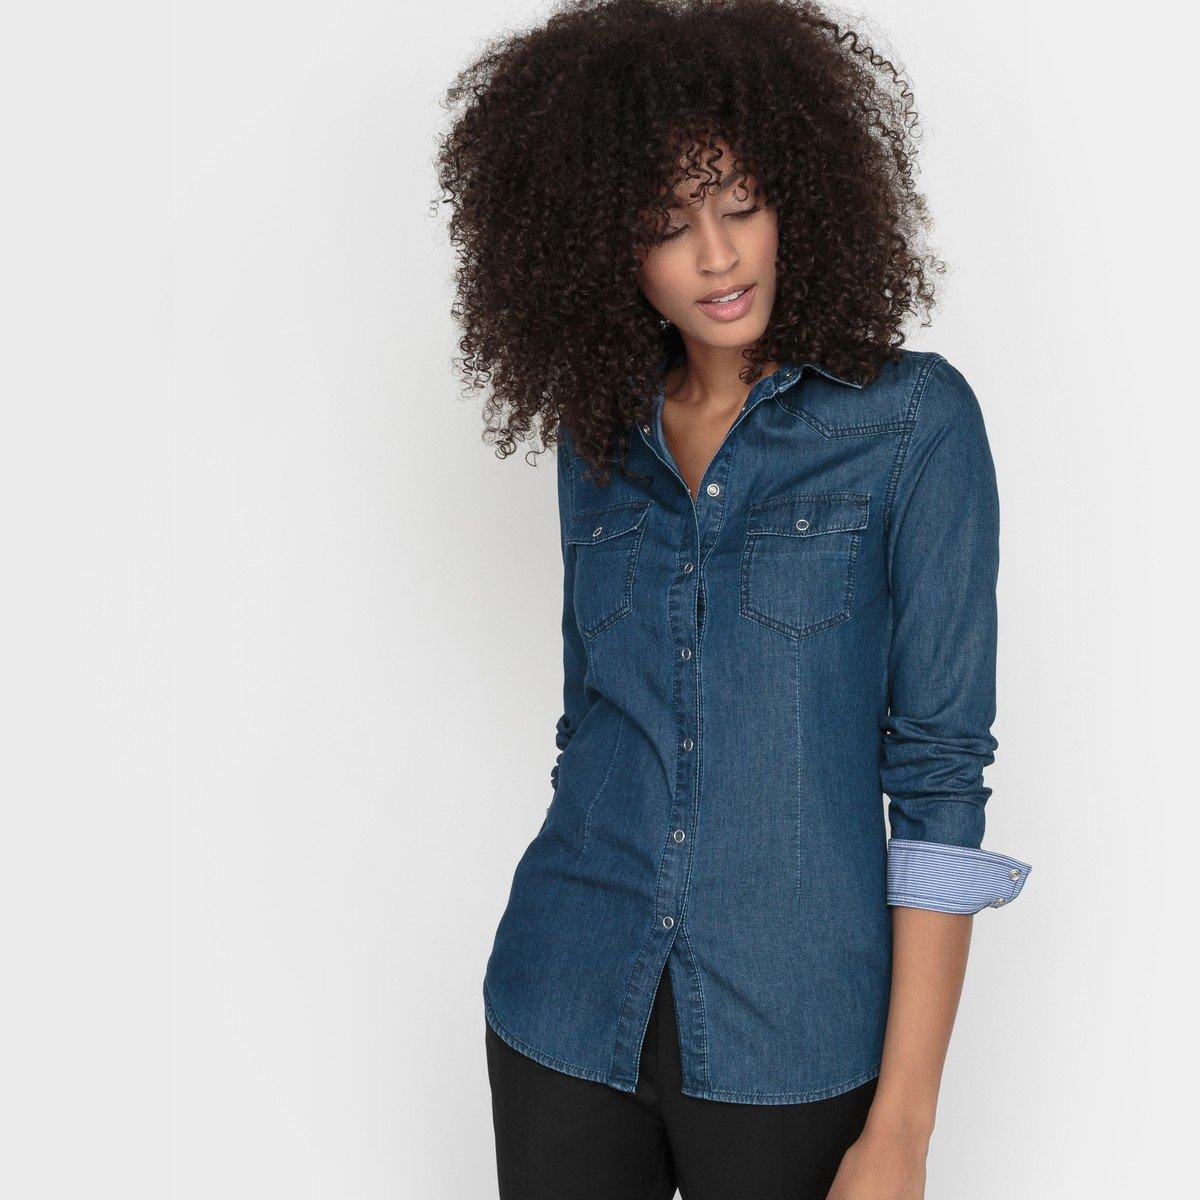 Vintage jeanshemd damen